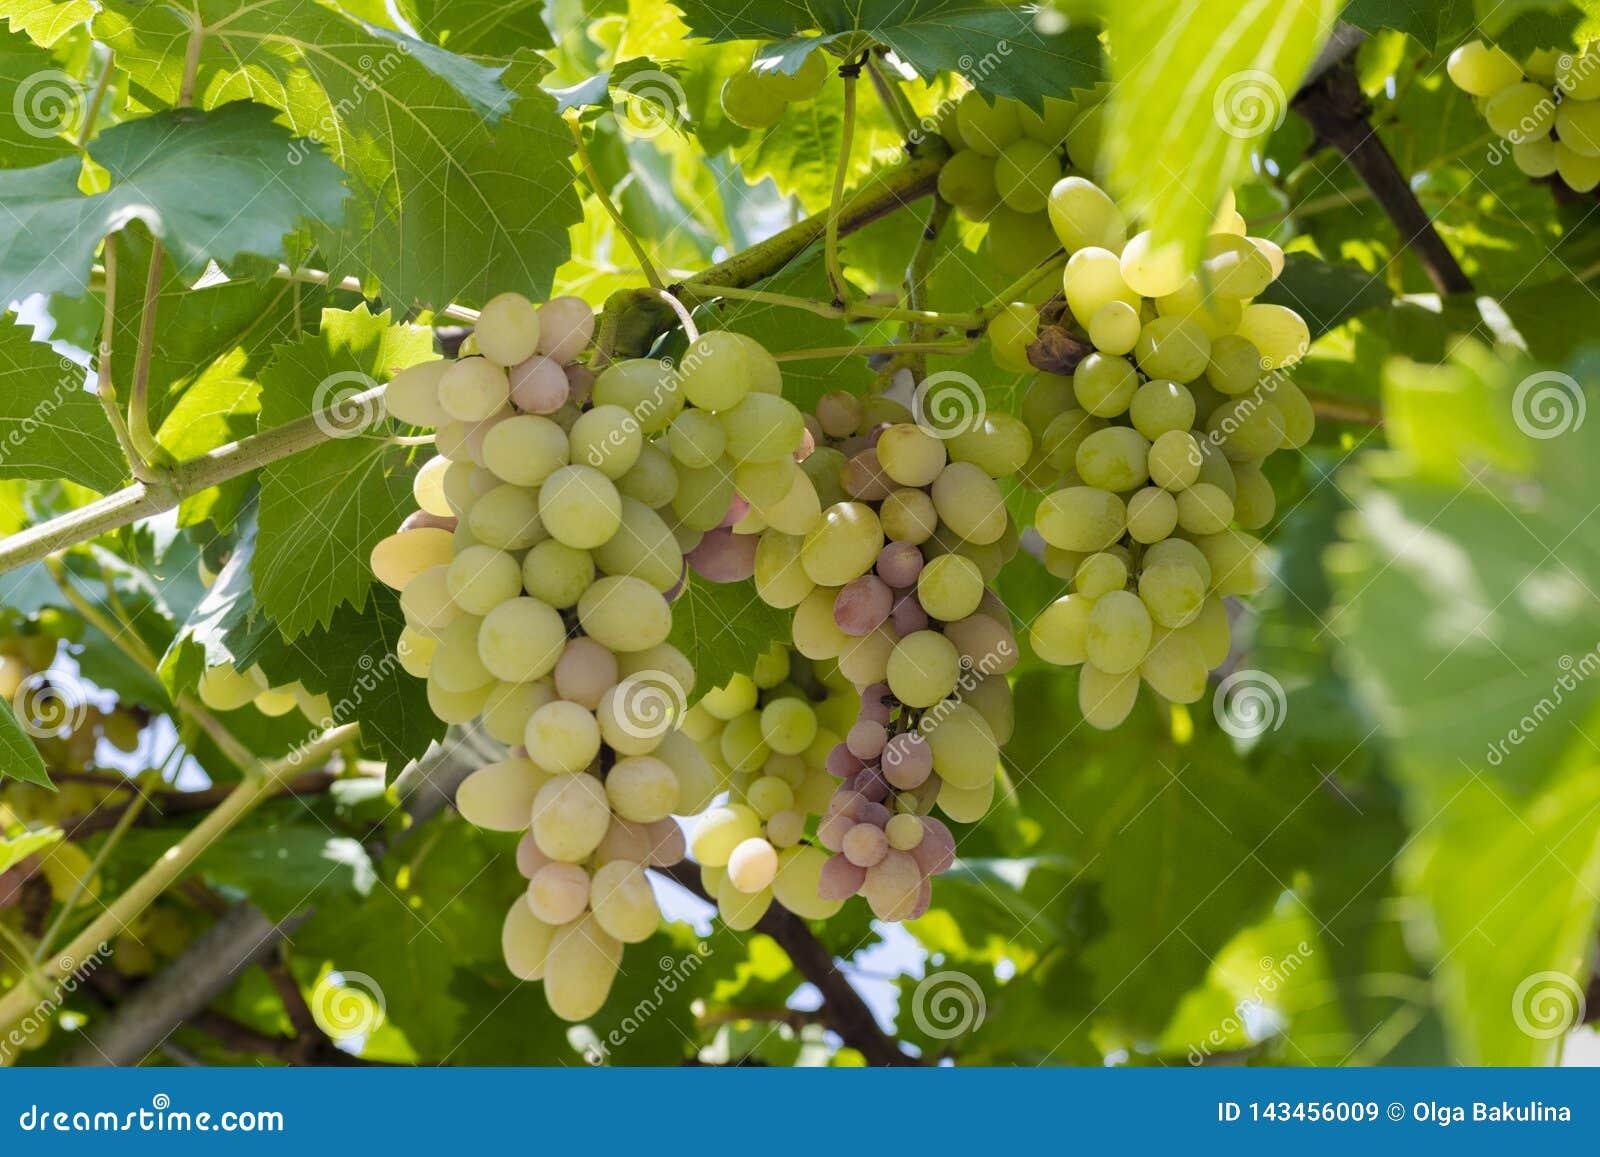 Rijpe die druiven op wijngaarden van druivenbomen worden gehangen Selectieve nadruk